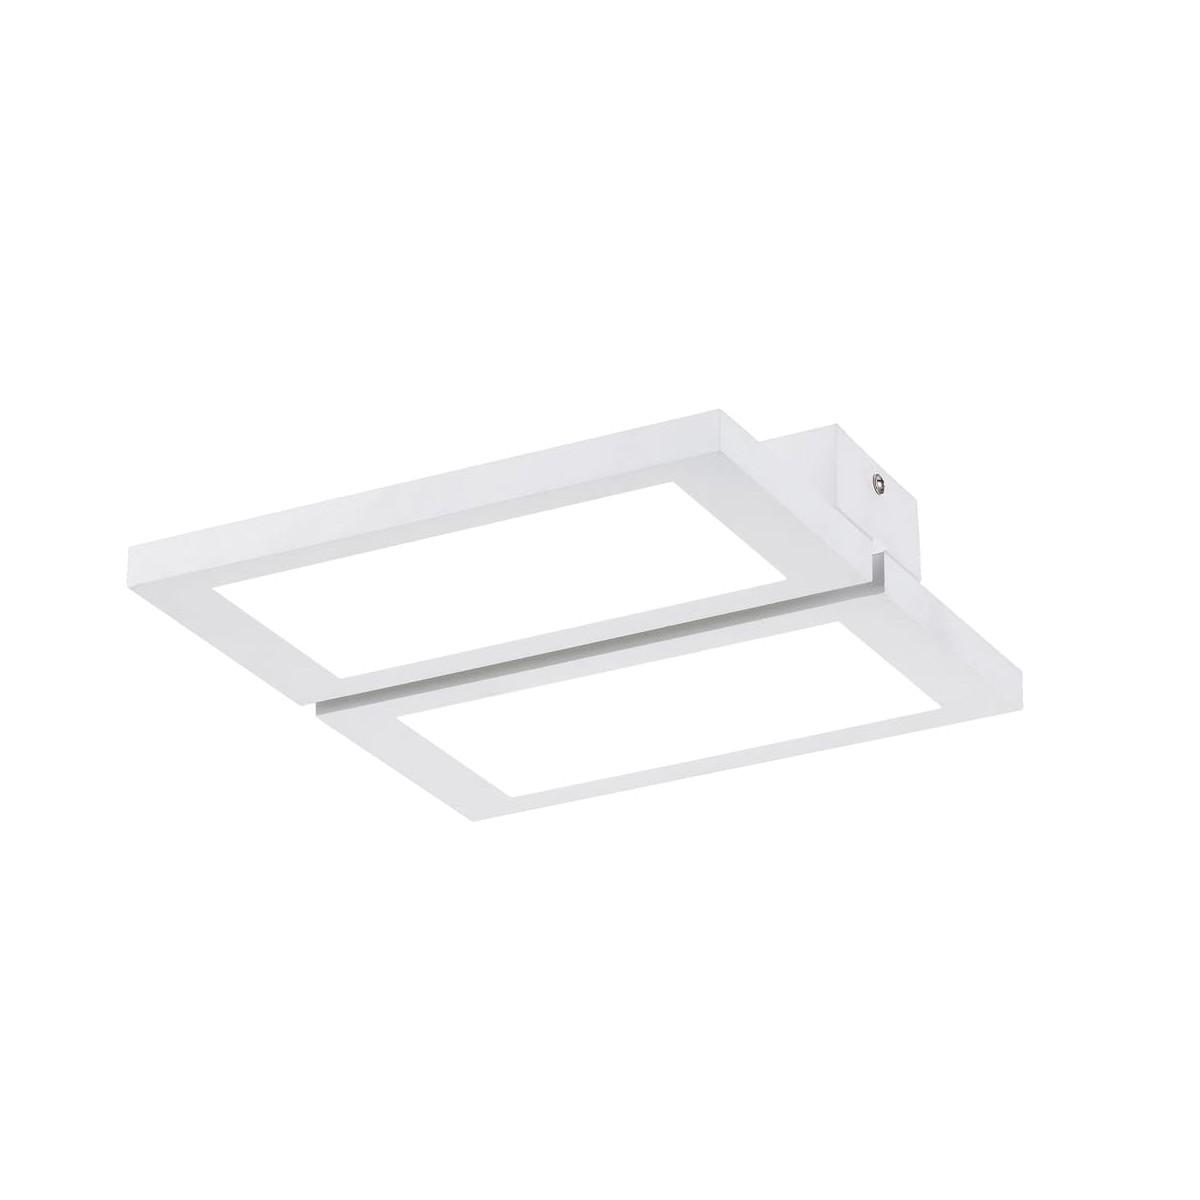 Plafón LED Or 2x18W